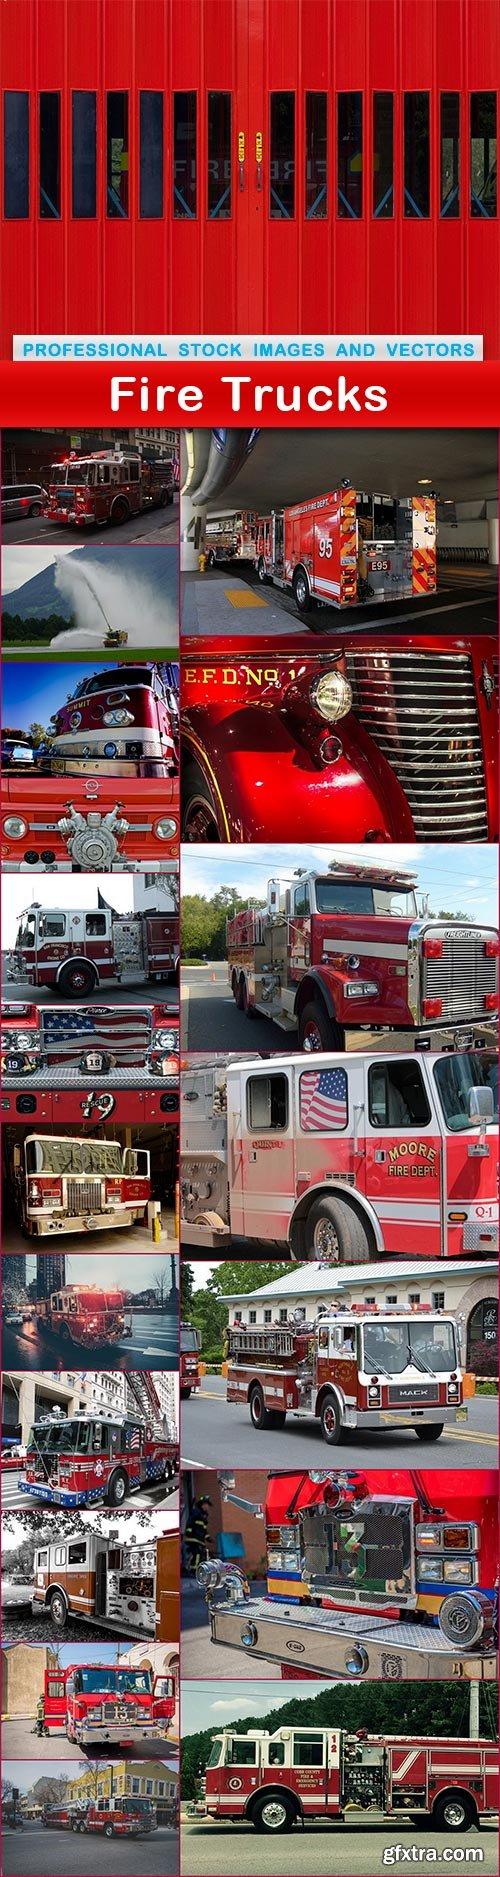 Fire Trucks - 20 UHQ JPEG